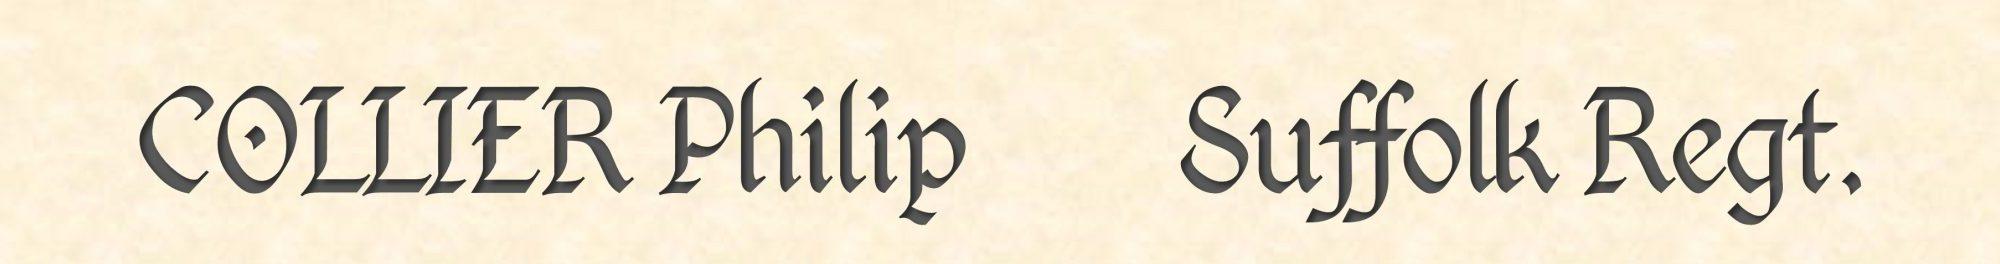 Philip Collier header